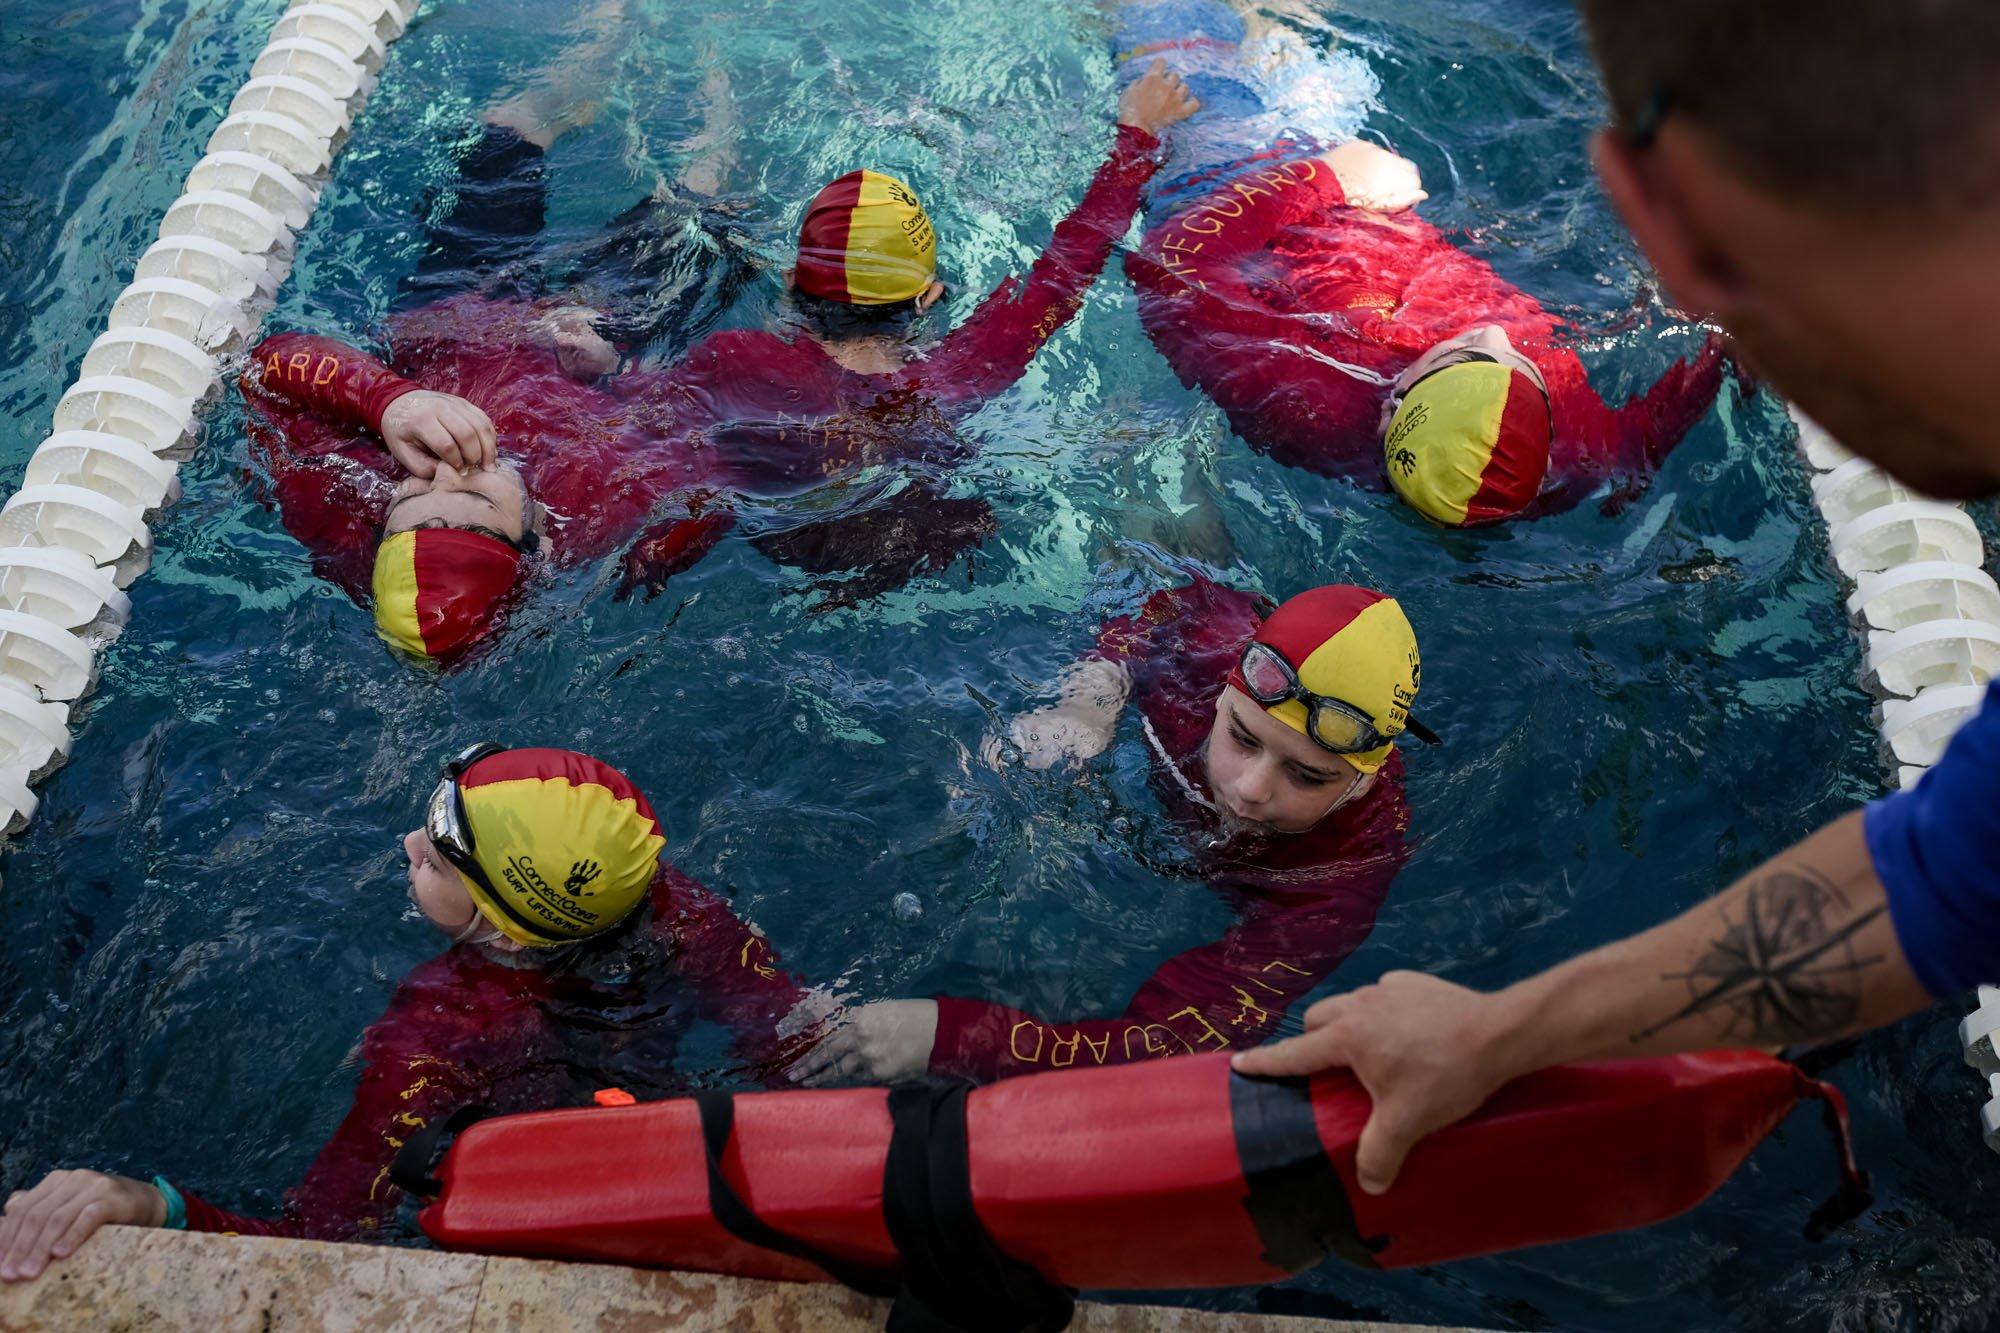 Los ejercicios usualmente empiezan en la piscina, para mejorar la técnica de natación.